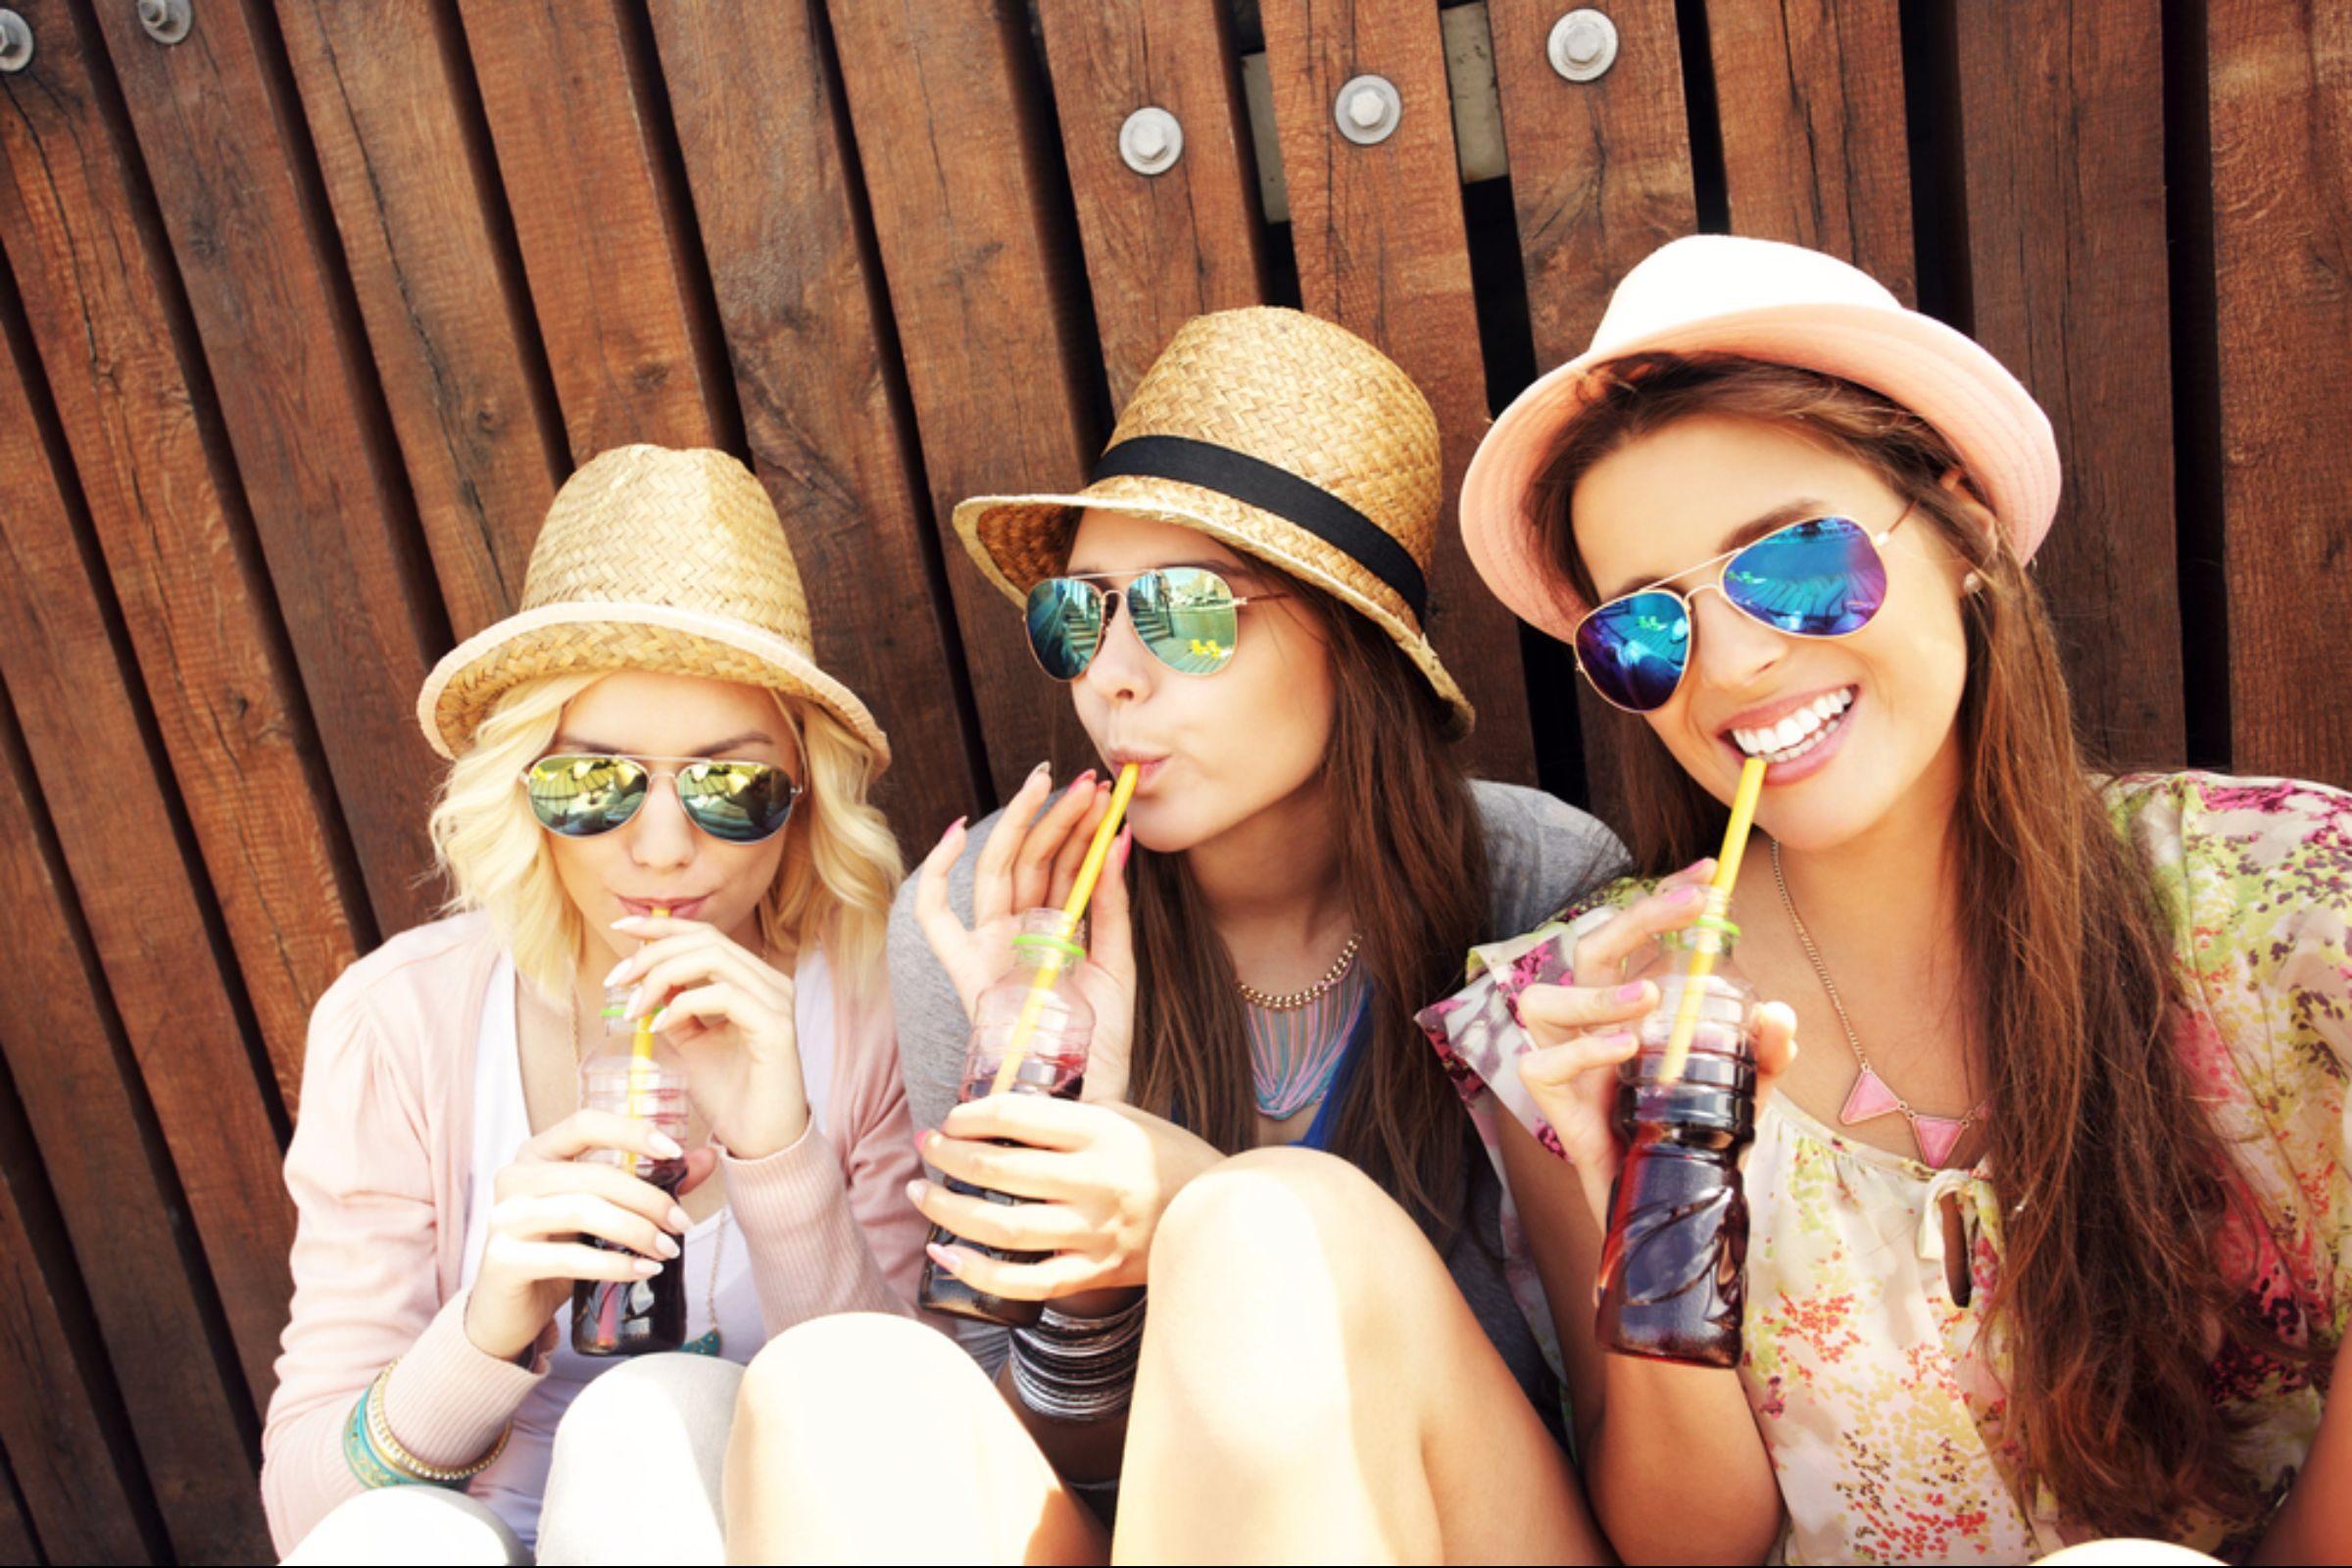 Three female friends drinking beverages